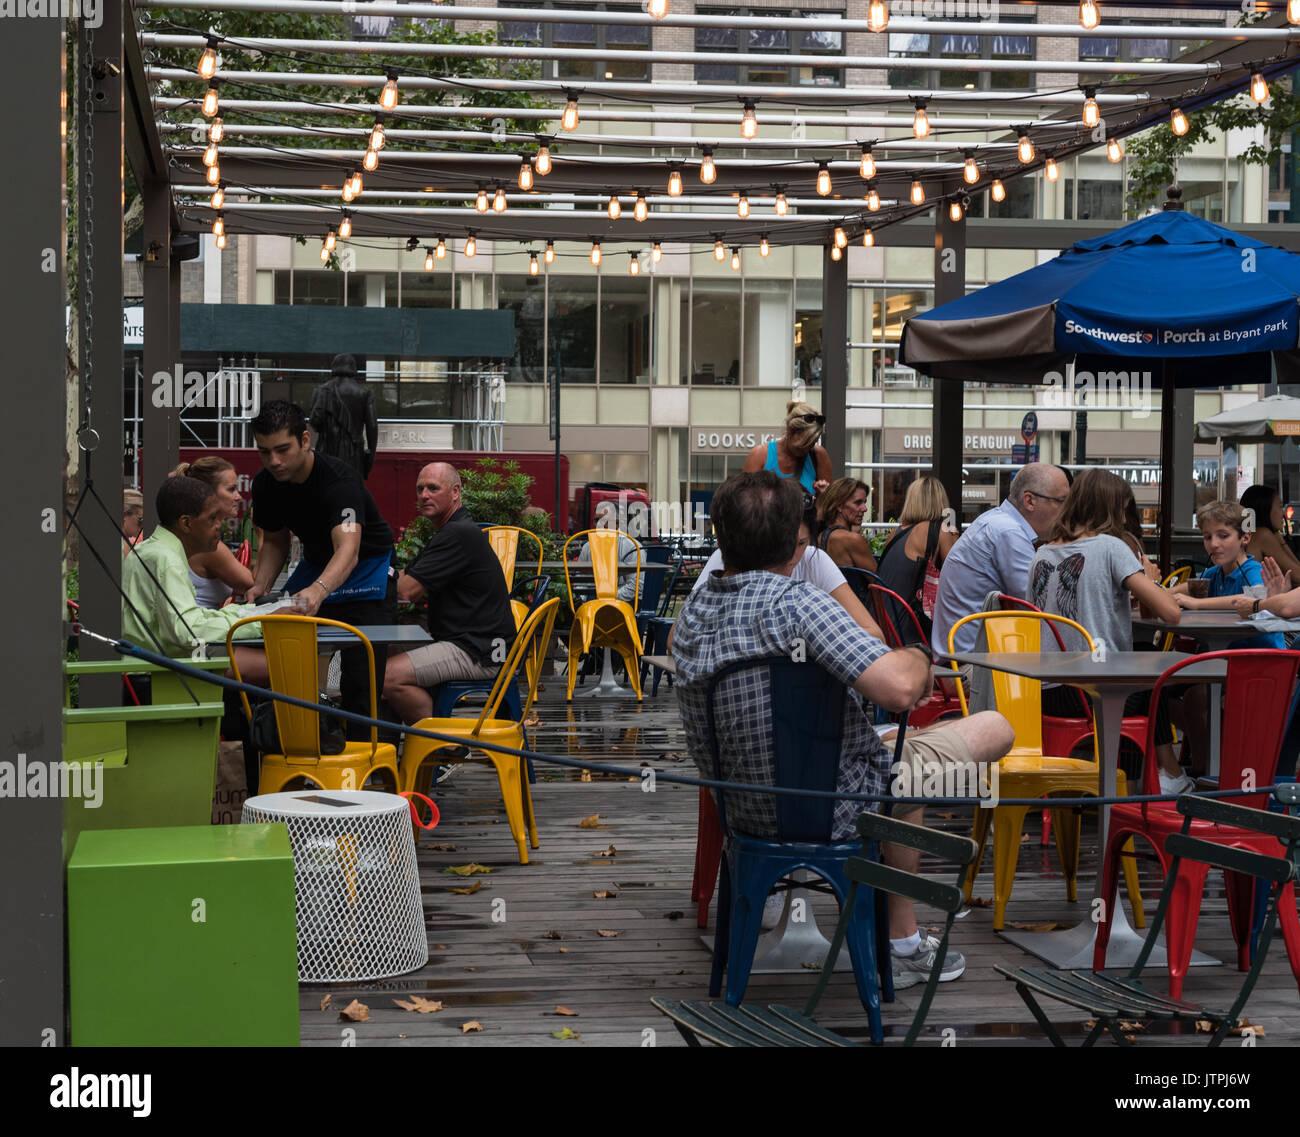 Les amis et les familles se rassemblent pour un en-cas et de conversation à la terrasse d'un café à Bryant Park, New York City. Usage éditorial uniquement. Photo Stock